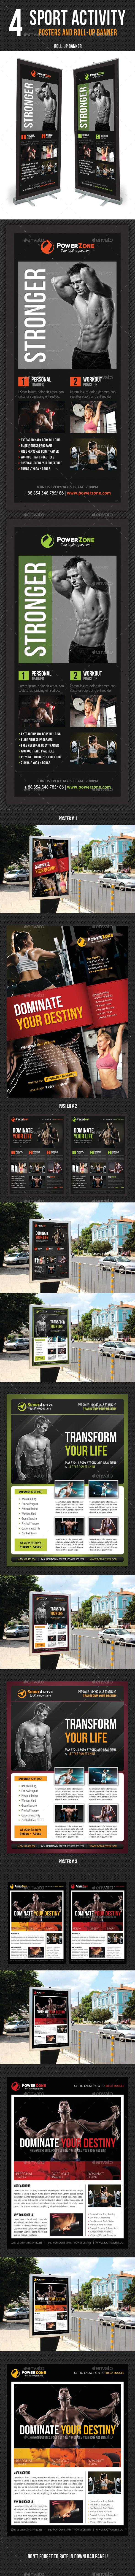 4 in 1 Sport Activity Poster Banner Bundle V05 - Signage Print Templates